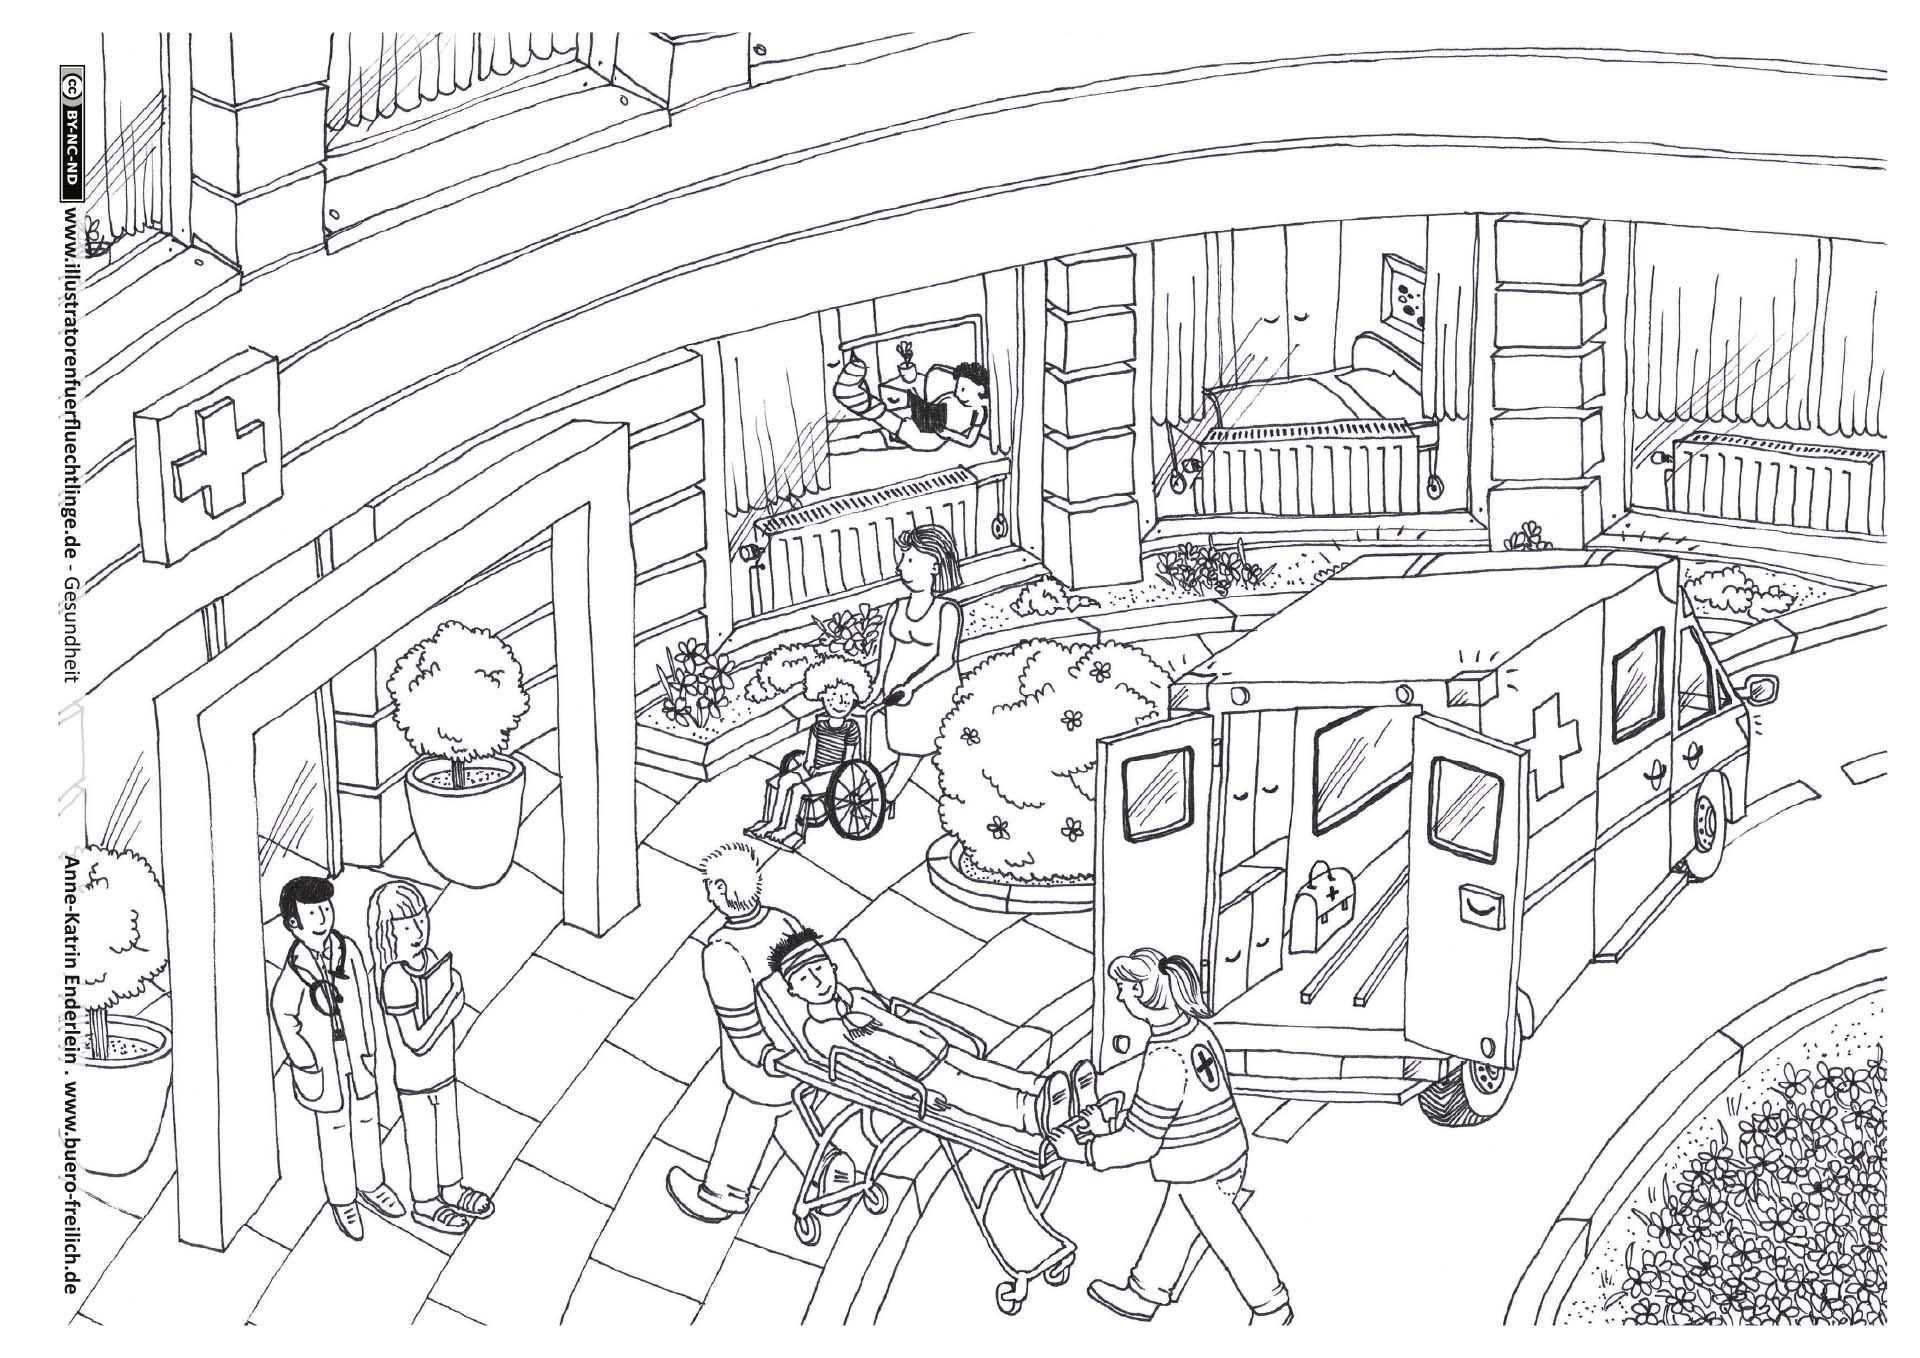 Download Als Pdf Gesundheit Krankenhaus Enderlein Krankenhaus Illustrator Gesundheit